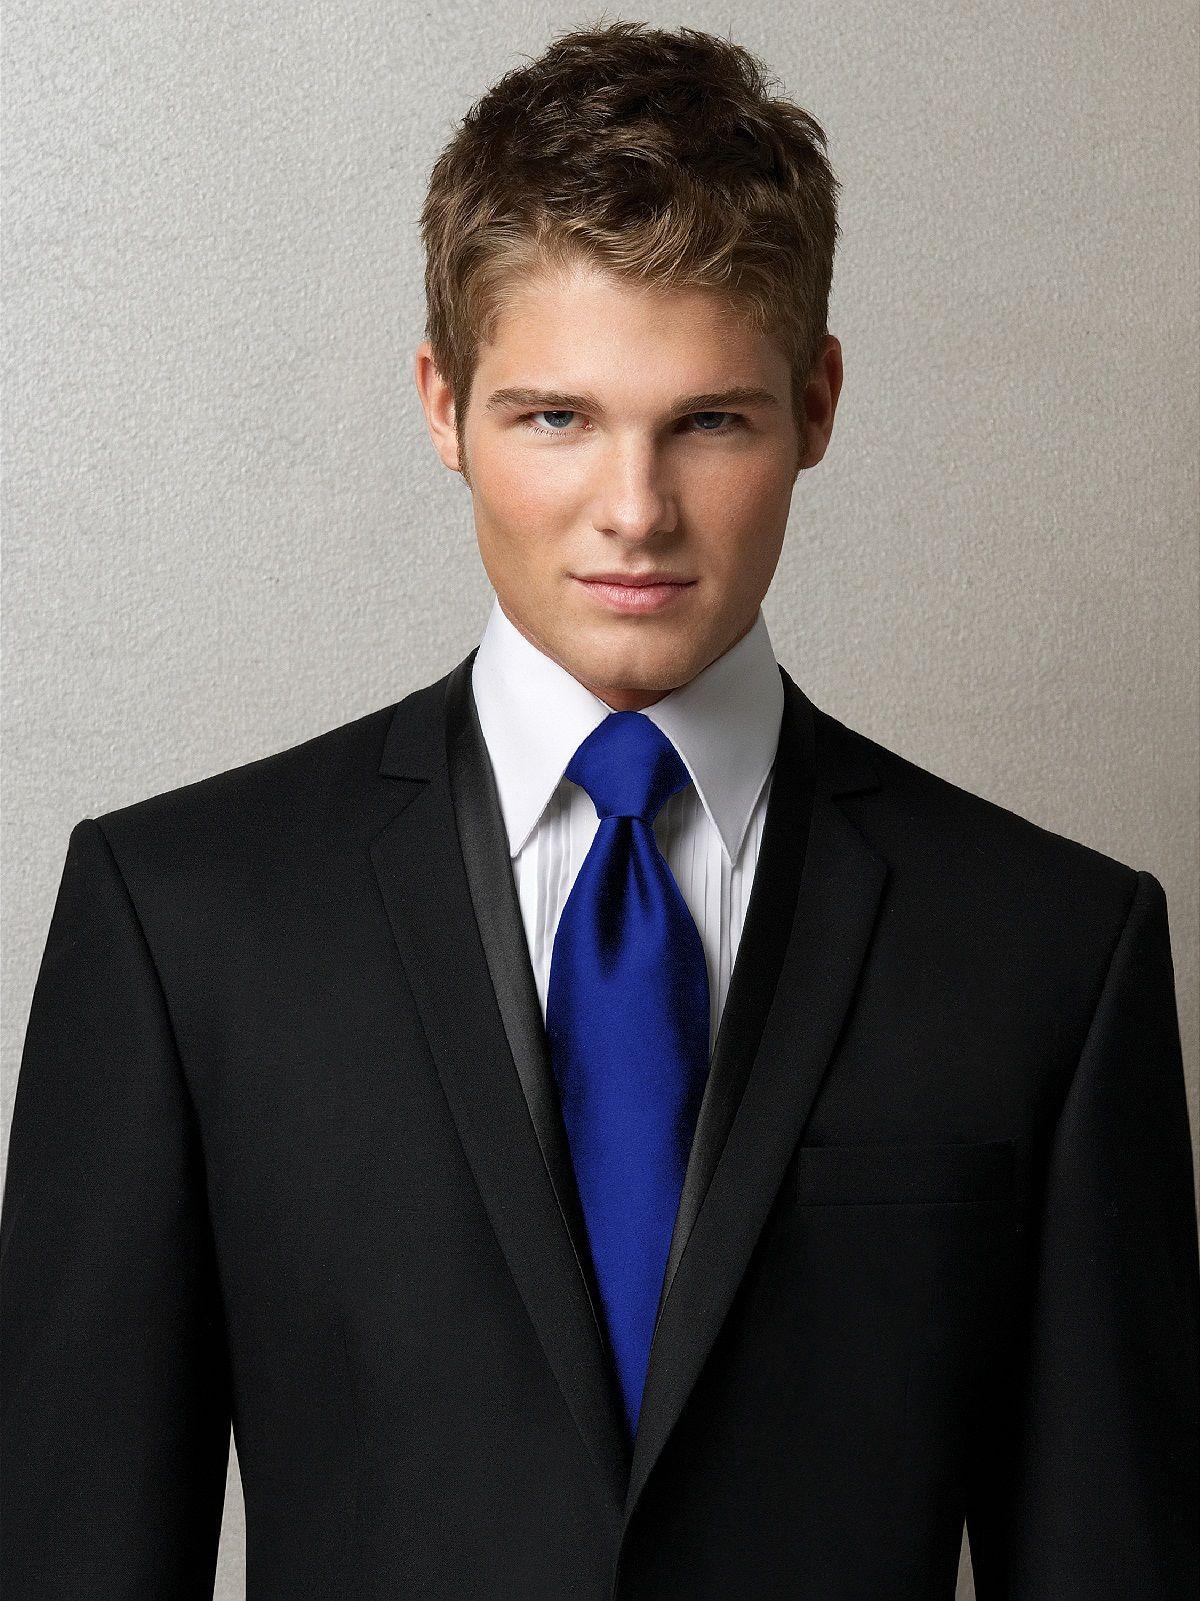 Black suit, royal blue tie. instead of black suit a white suit ...